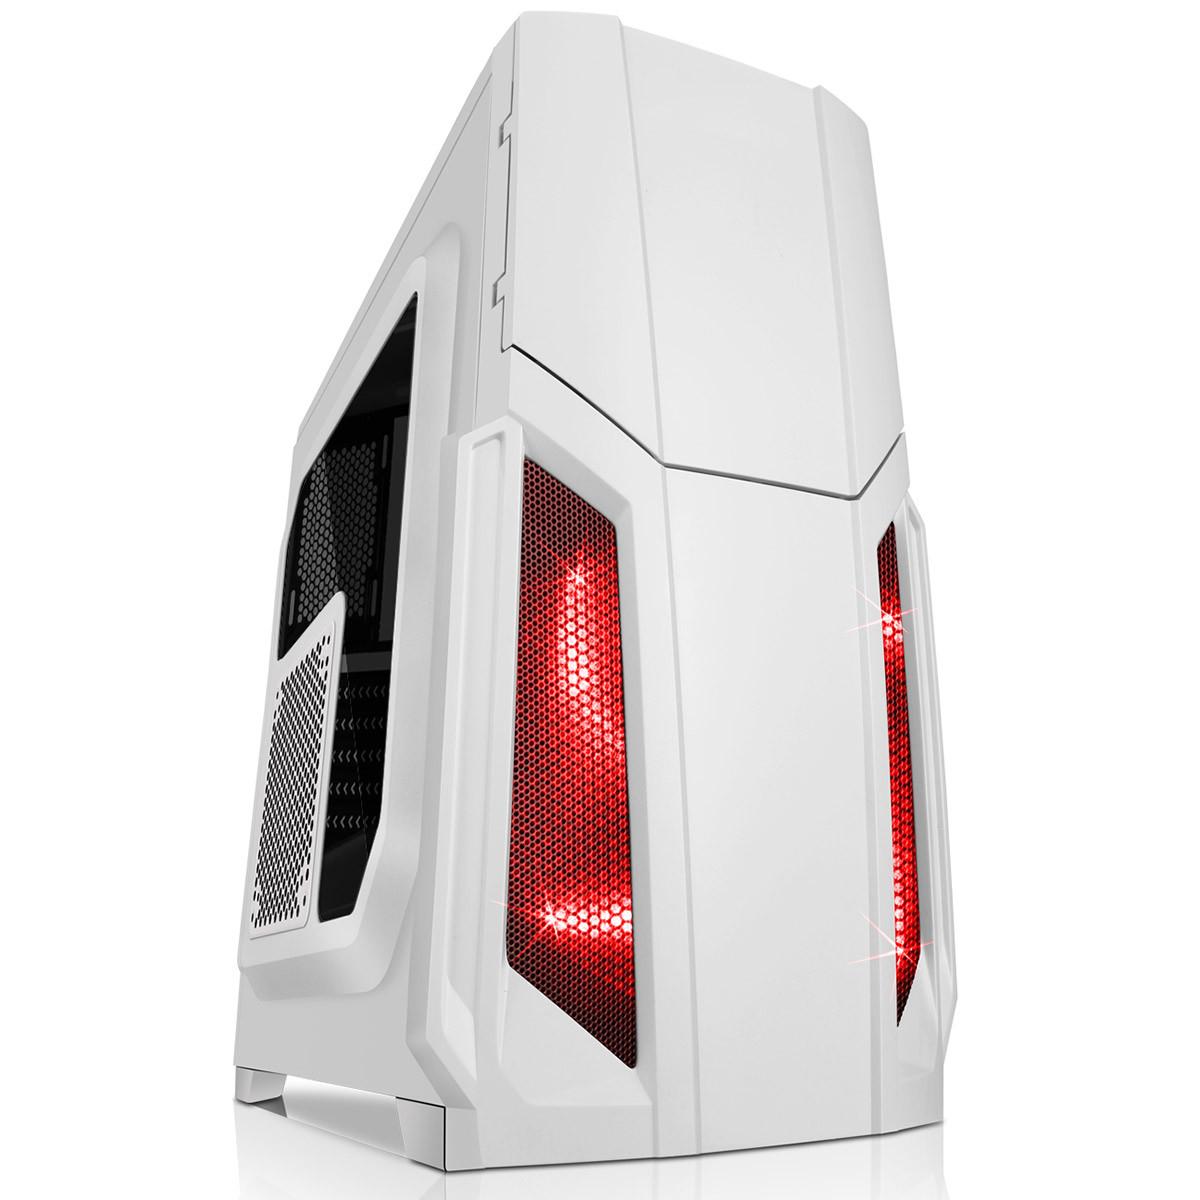 KelsusIT Storm White  Gaming PC